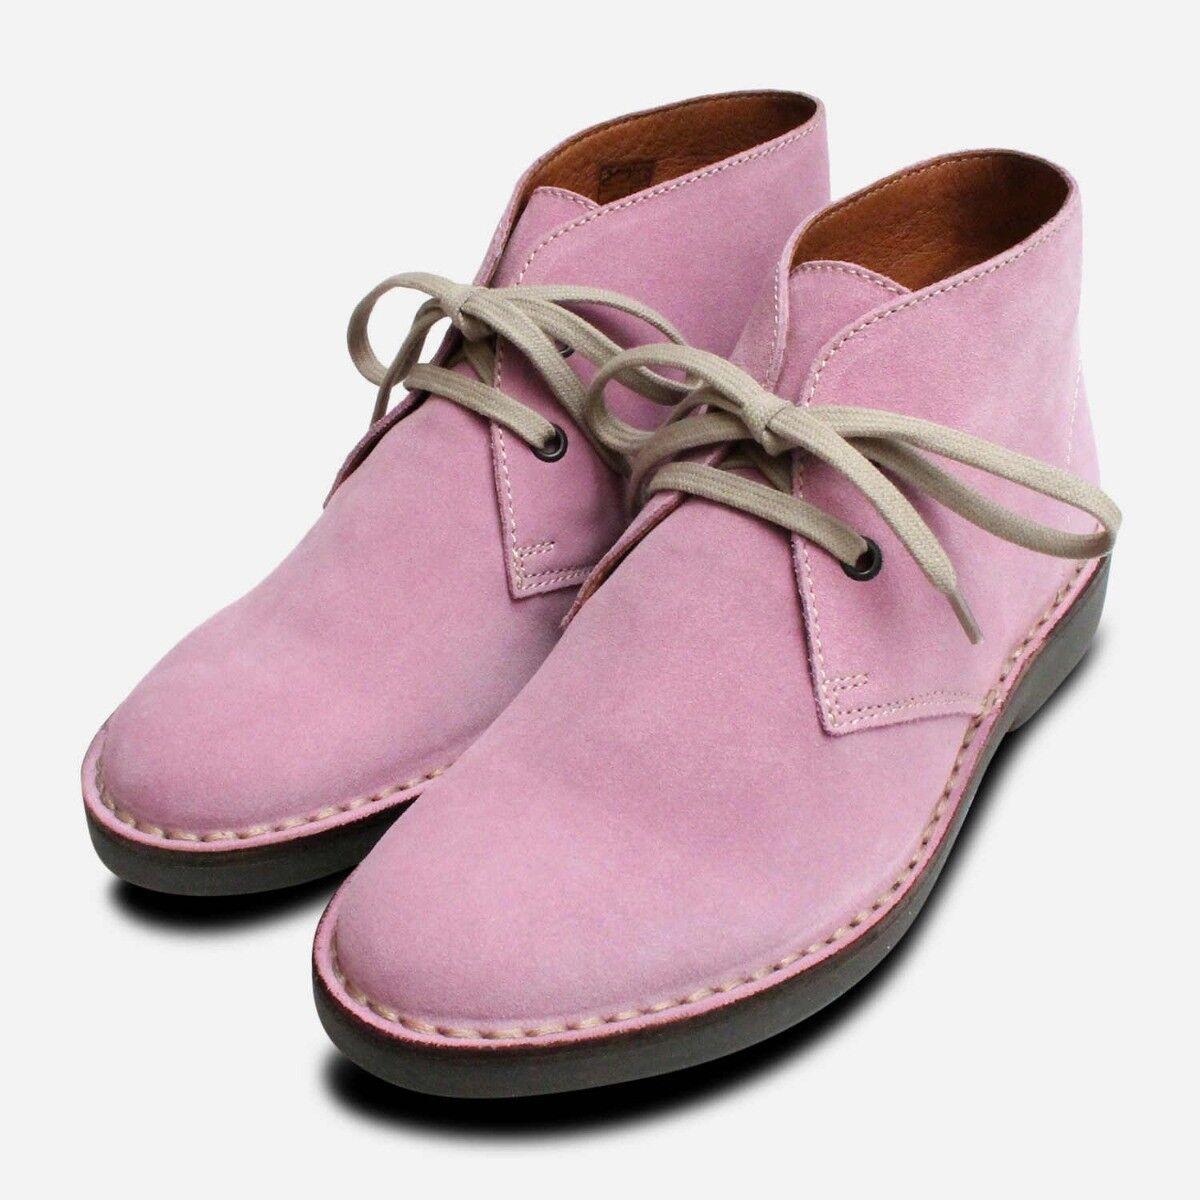 púrpura Gamuza Señoras botas Con Cordones Desierto italiano